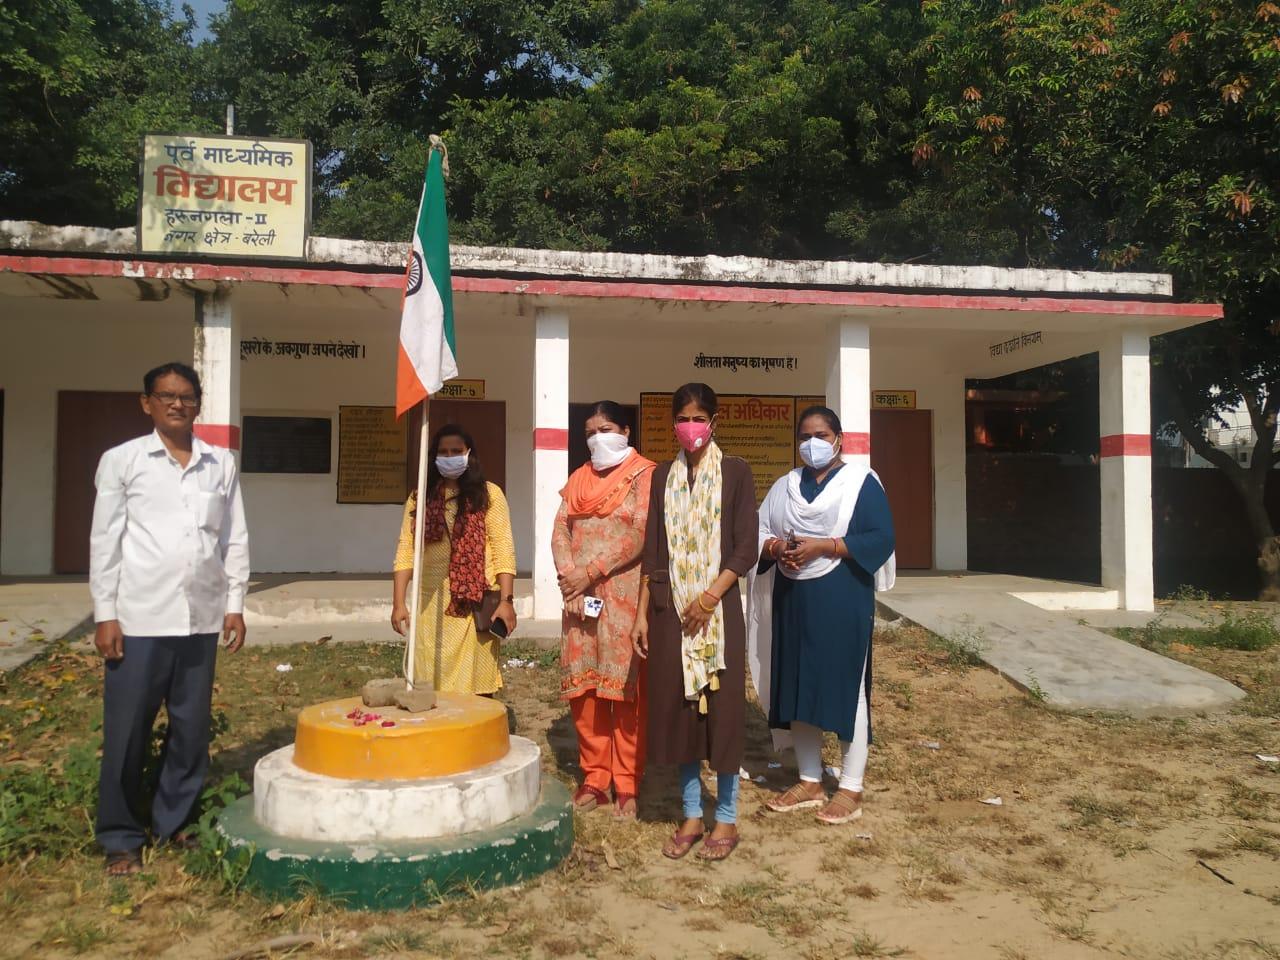 सरकारी शिक्षकों ने गांधी जयंती पर उल्टा तिरंगा फहराया फिर खुद वायरल कर दिए फ़ोटो